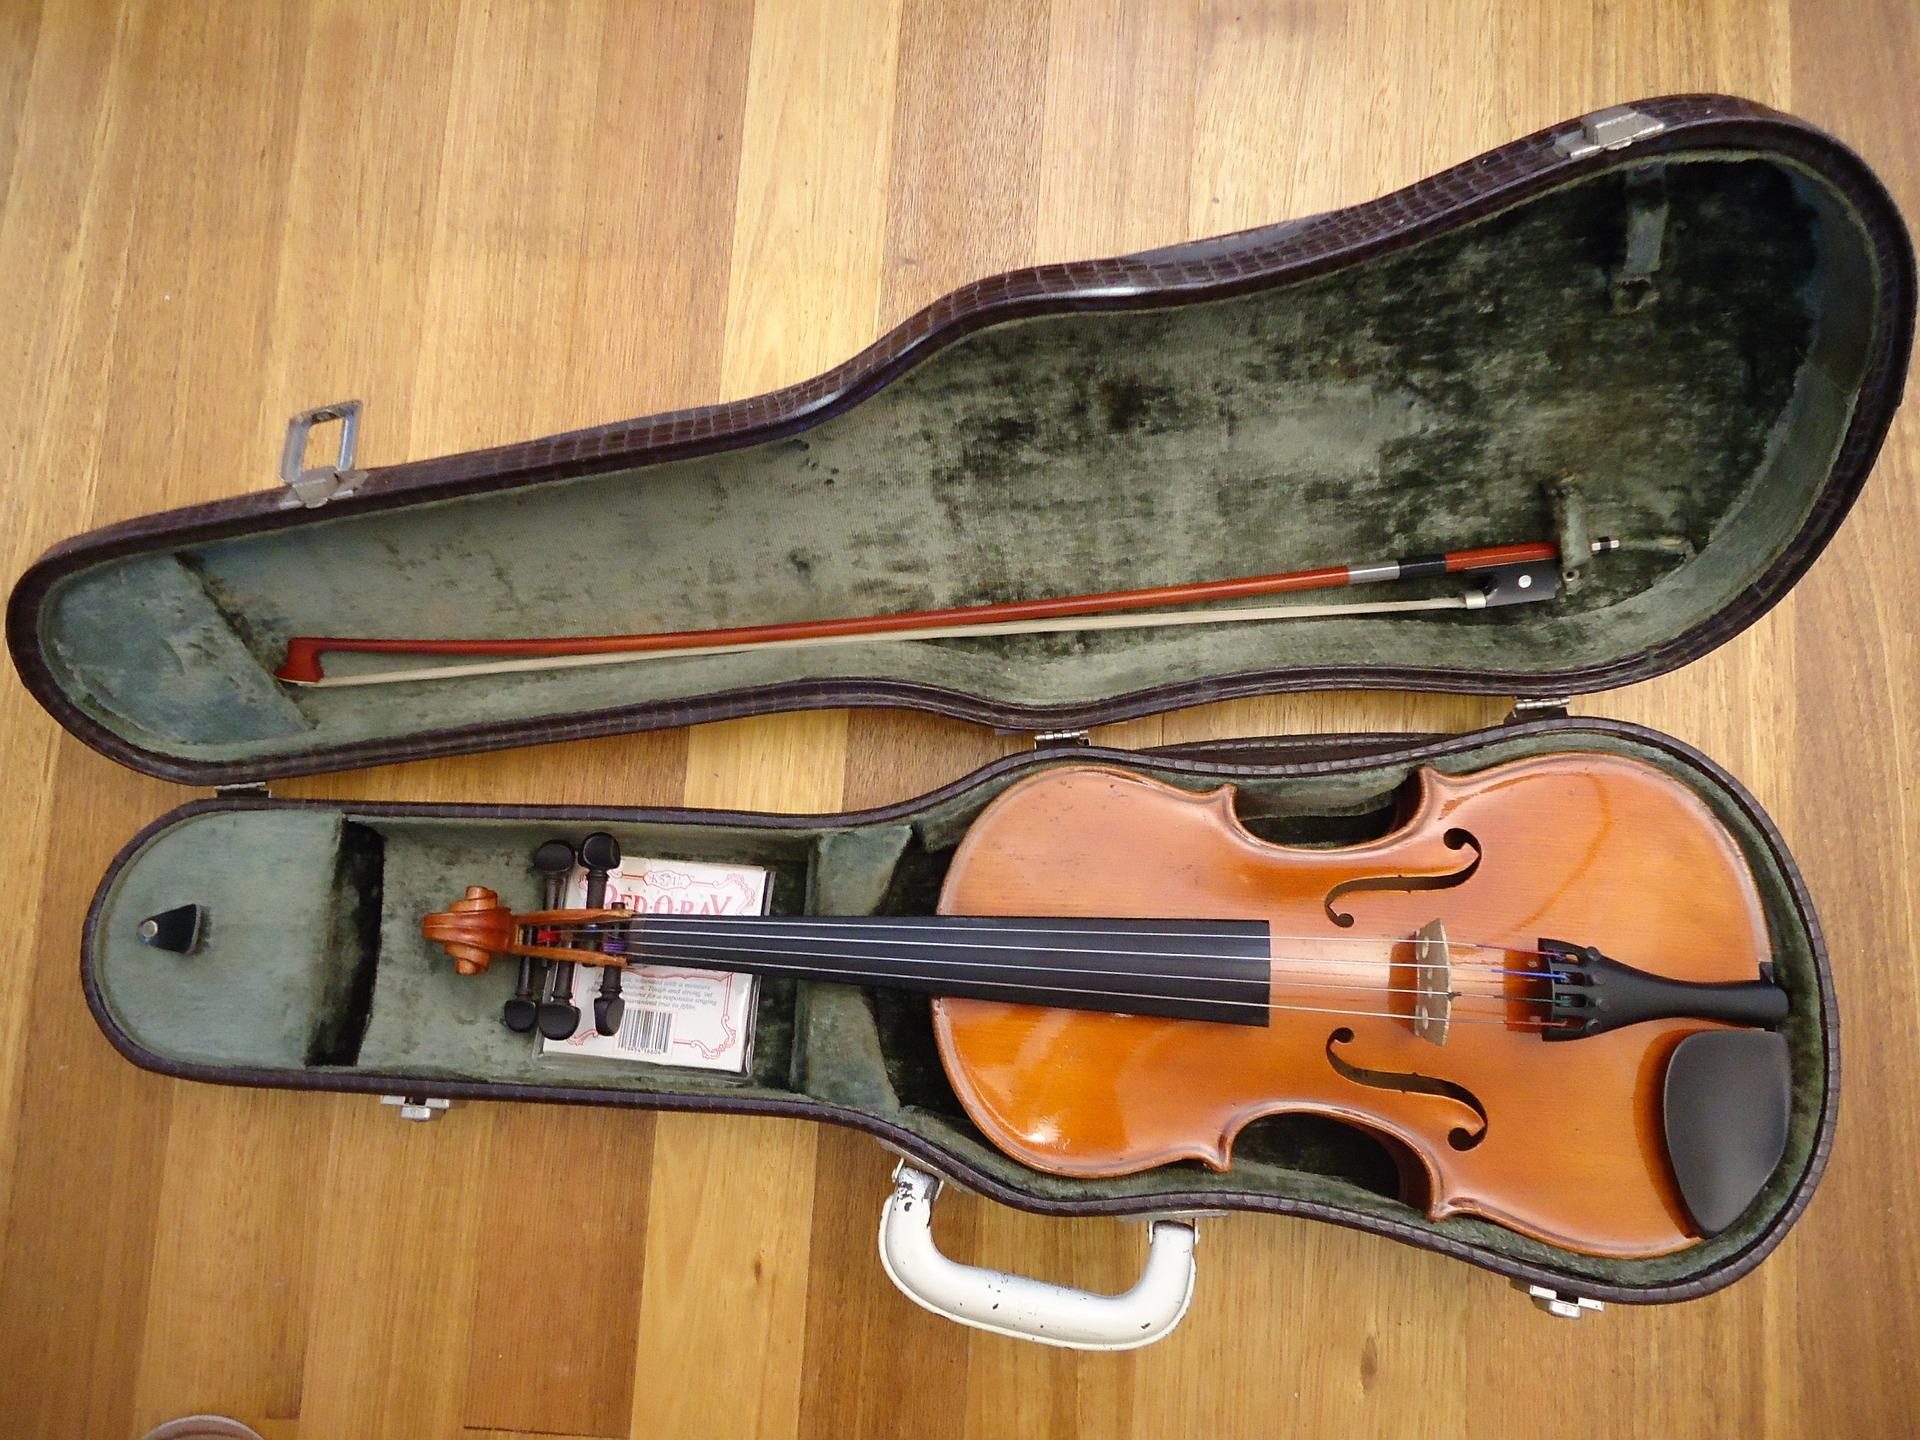 Inleiding en bezoek klassieke muziek